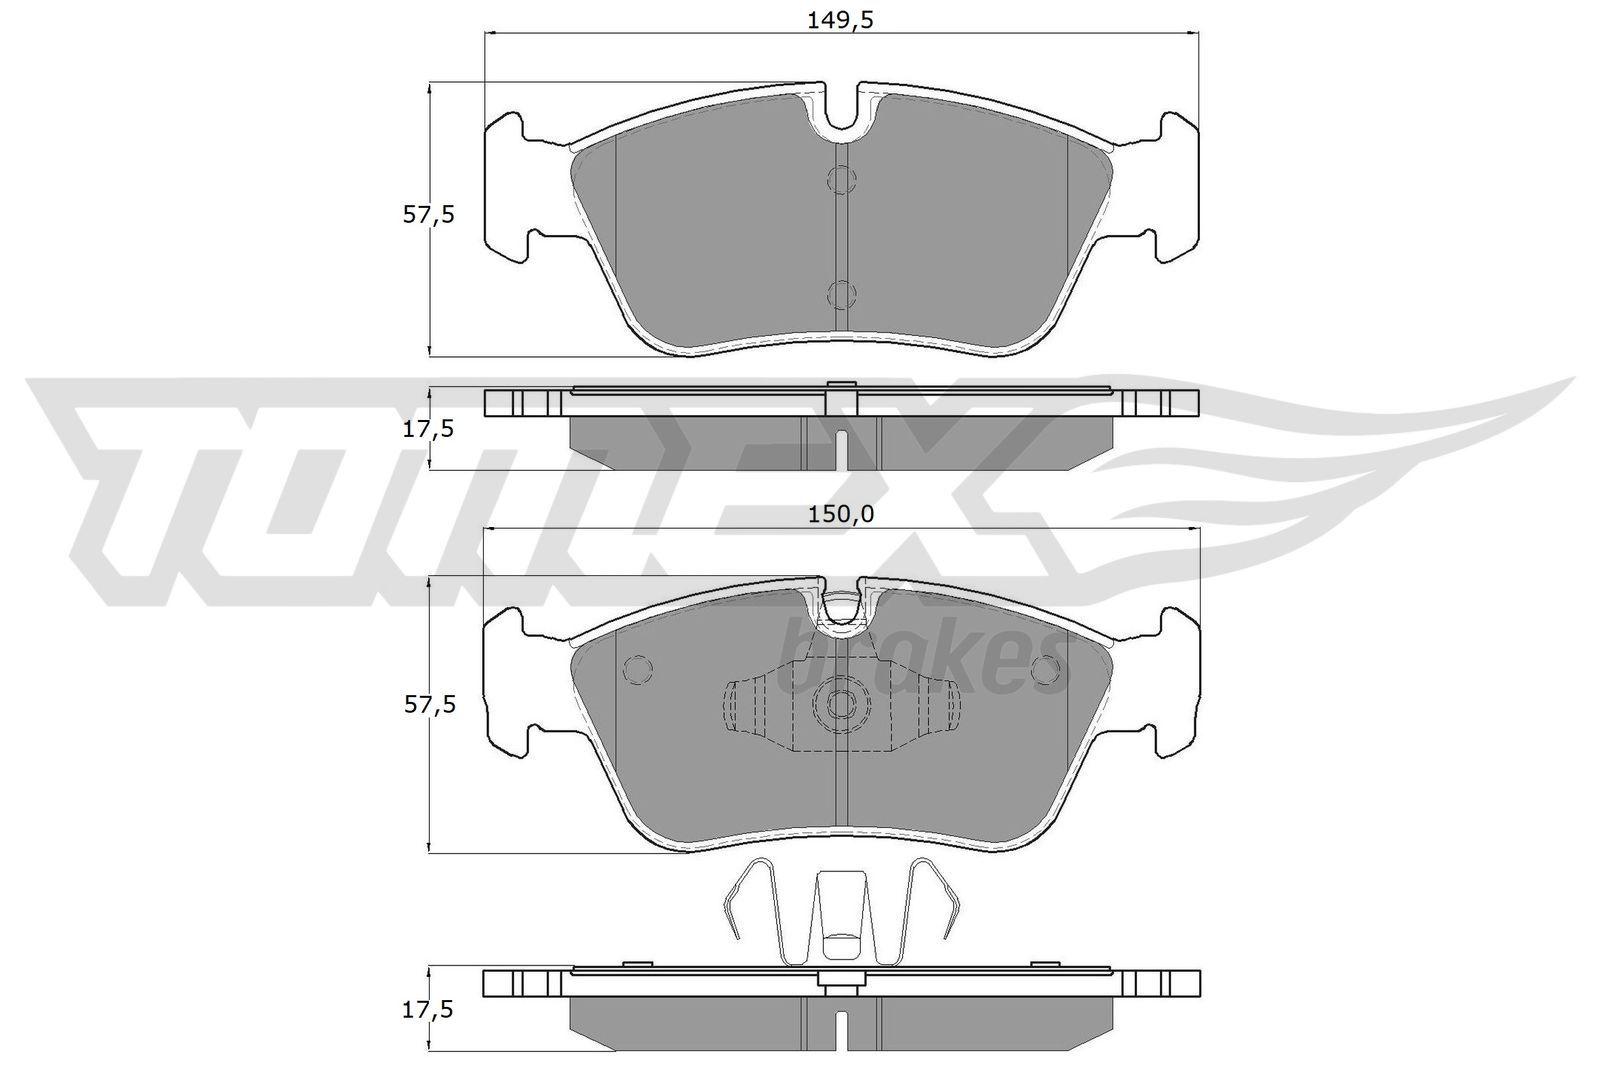 23999 TOMEX brakes Vorderachse, für Verschleißwarnanzeiger vorbereitet Höhe 2: 57,5mm, Höhe: 57,5mm, Breite 2: 150mm, Breite: 149,5mm, Dicke/Stärke: 17,5mm Bremsbelagsatz, Scheibenbremse TX 14-35 günstig kaufen